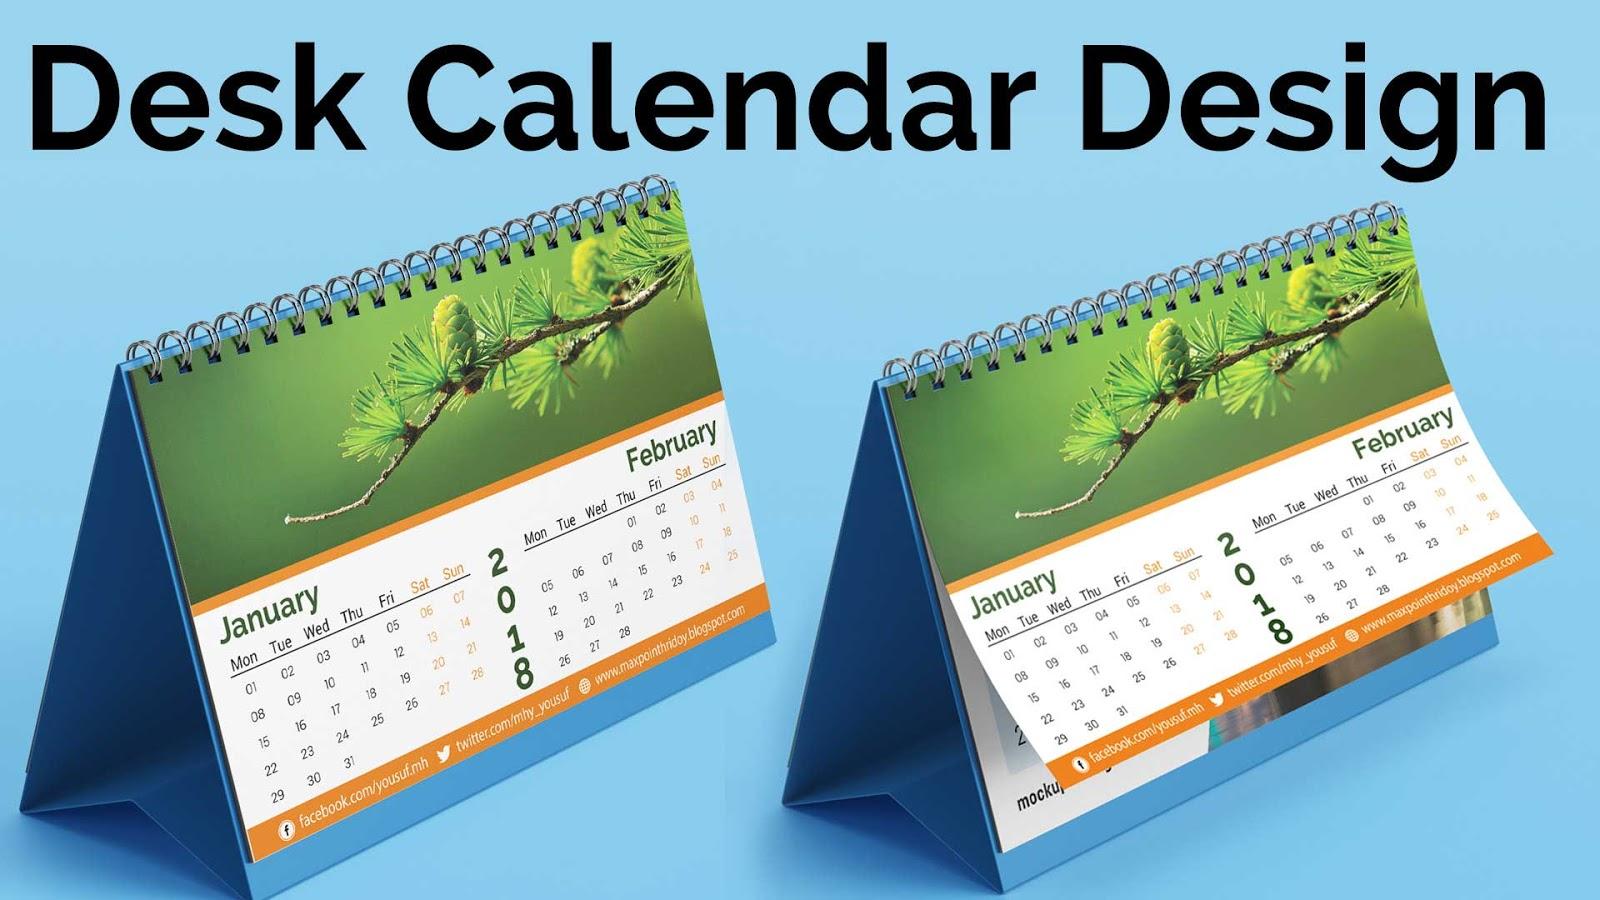 Calendar Design 2018   How to Create a Desk Calendar in